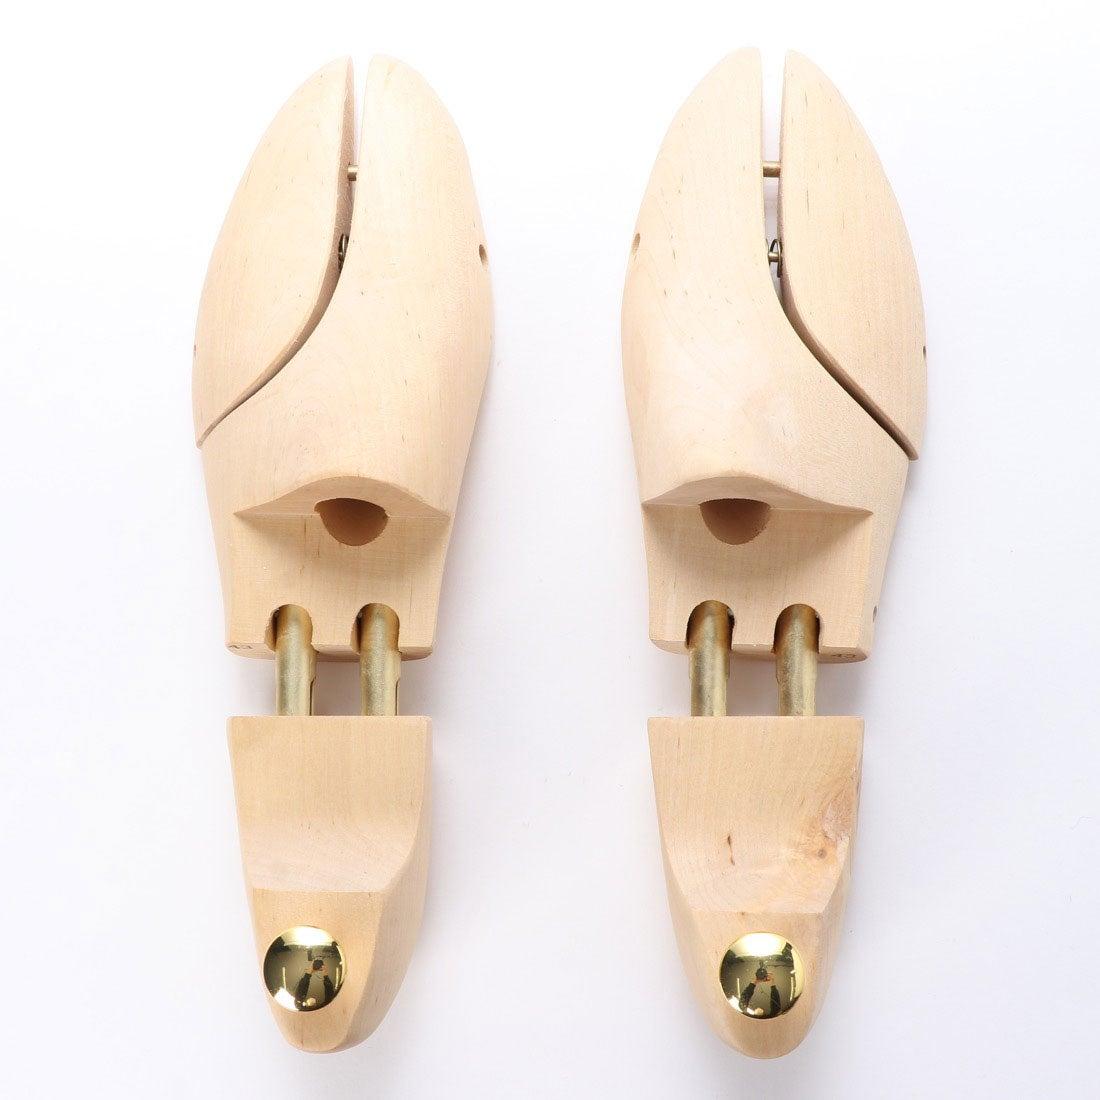 ロコンド 靴とファッションの通販サイトキングヤード KING YARD KINGYARD ツインチューブ #43 28-28.5cm (ニュートラル)